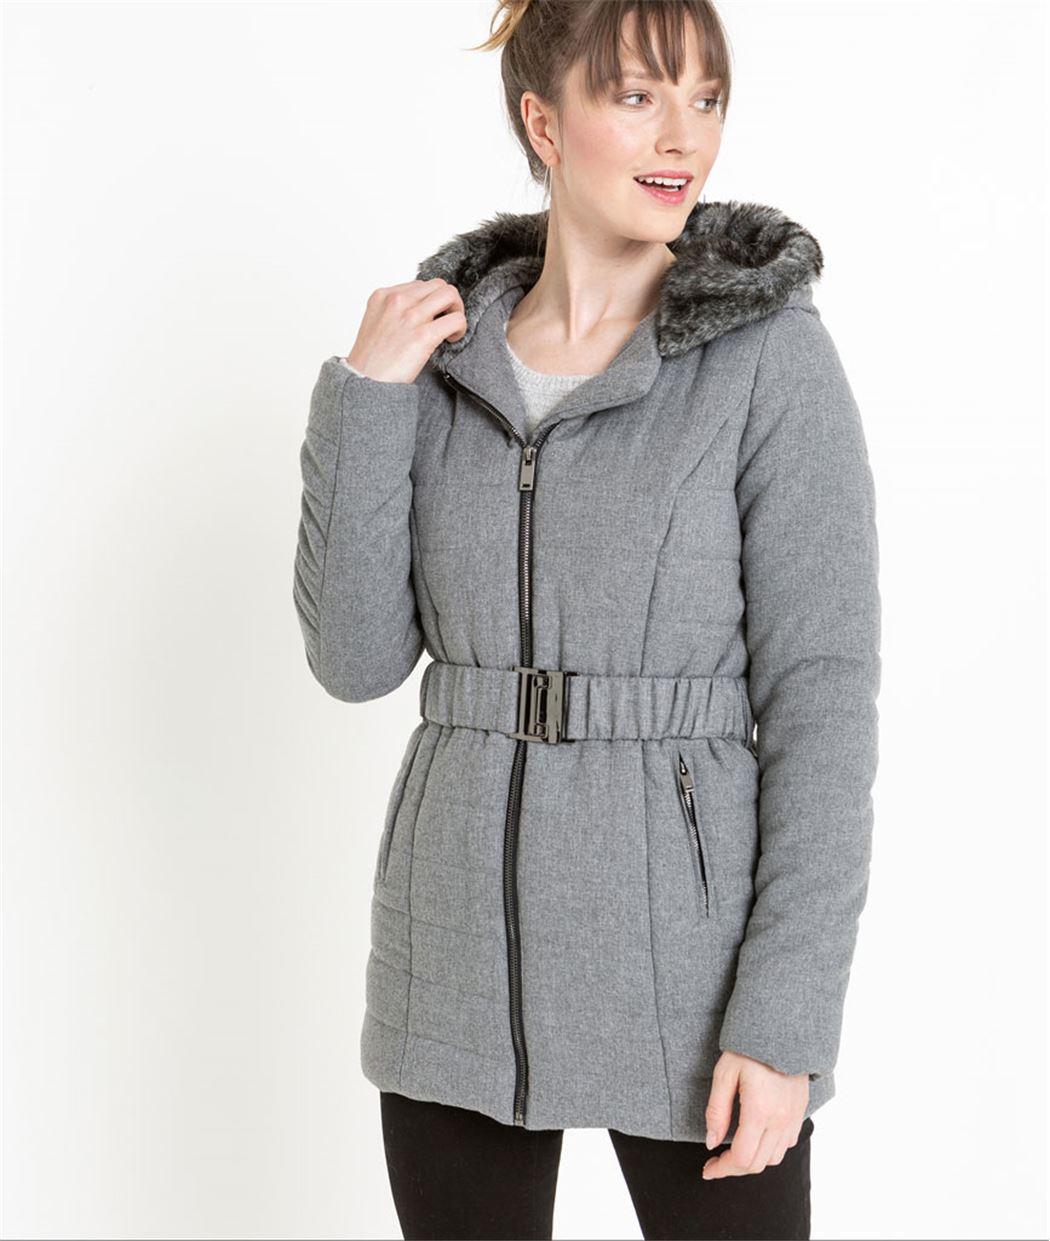 Doudoune femme grise avec ceinture GRIS